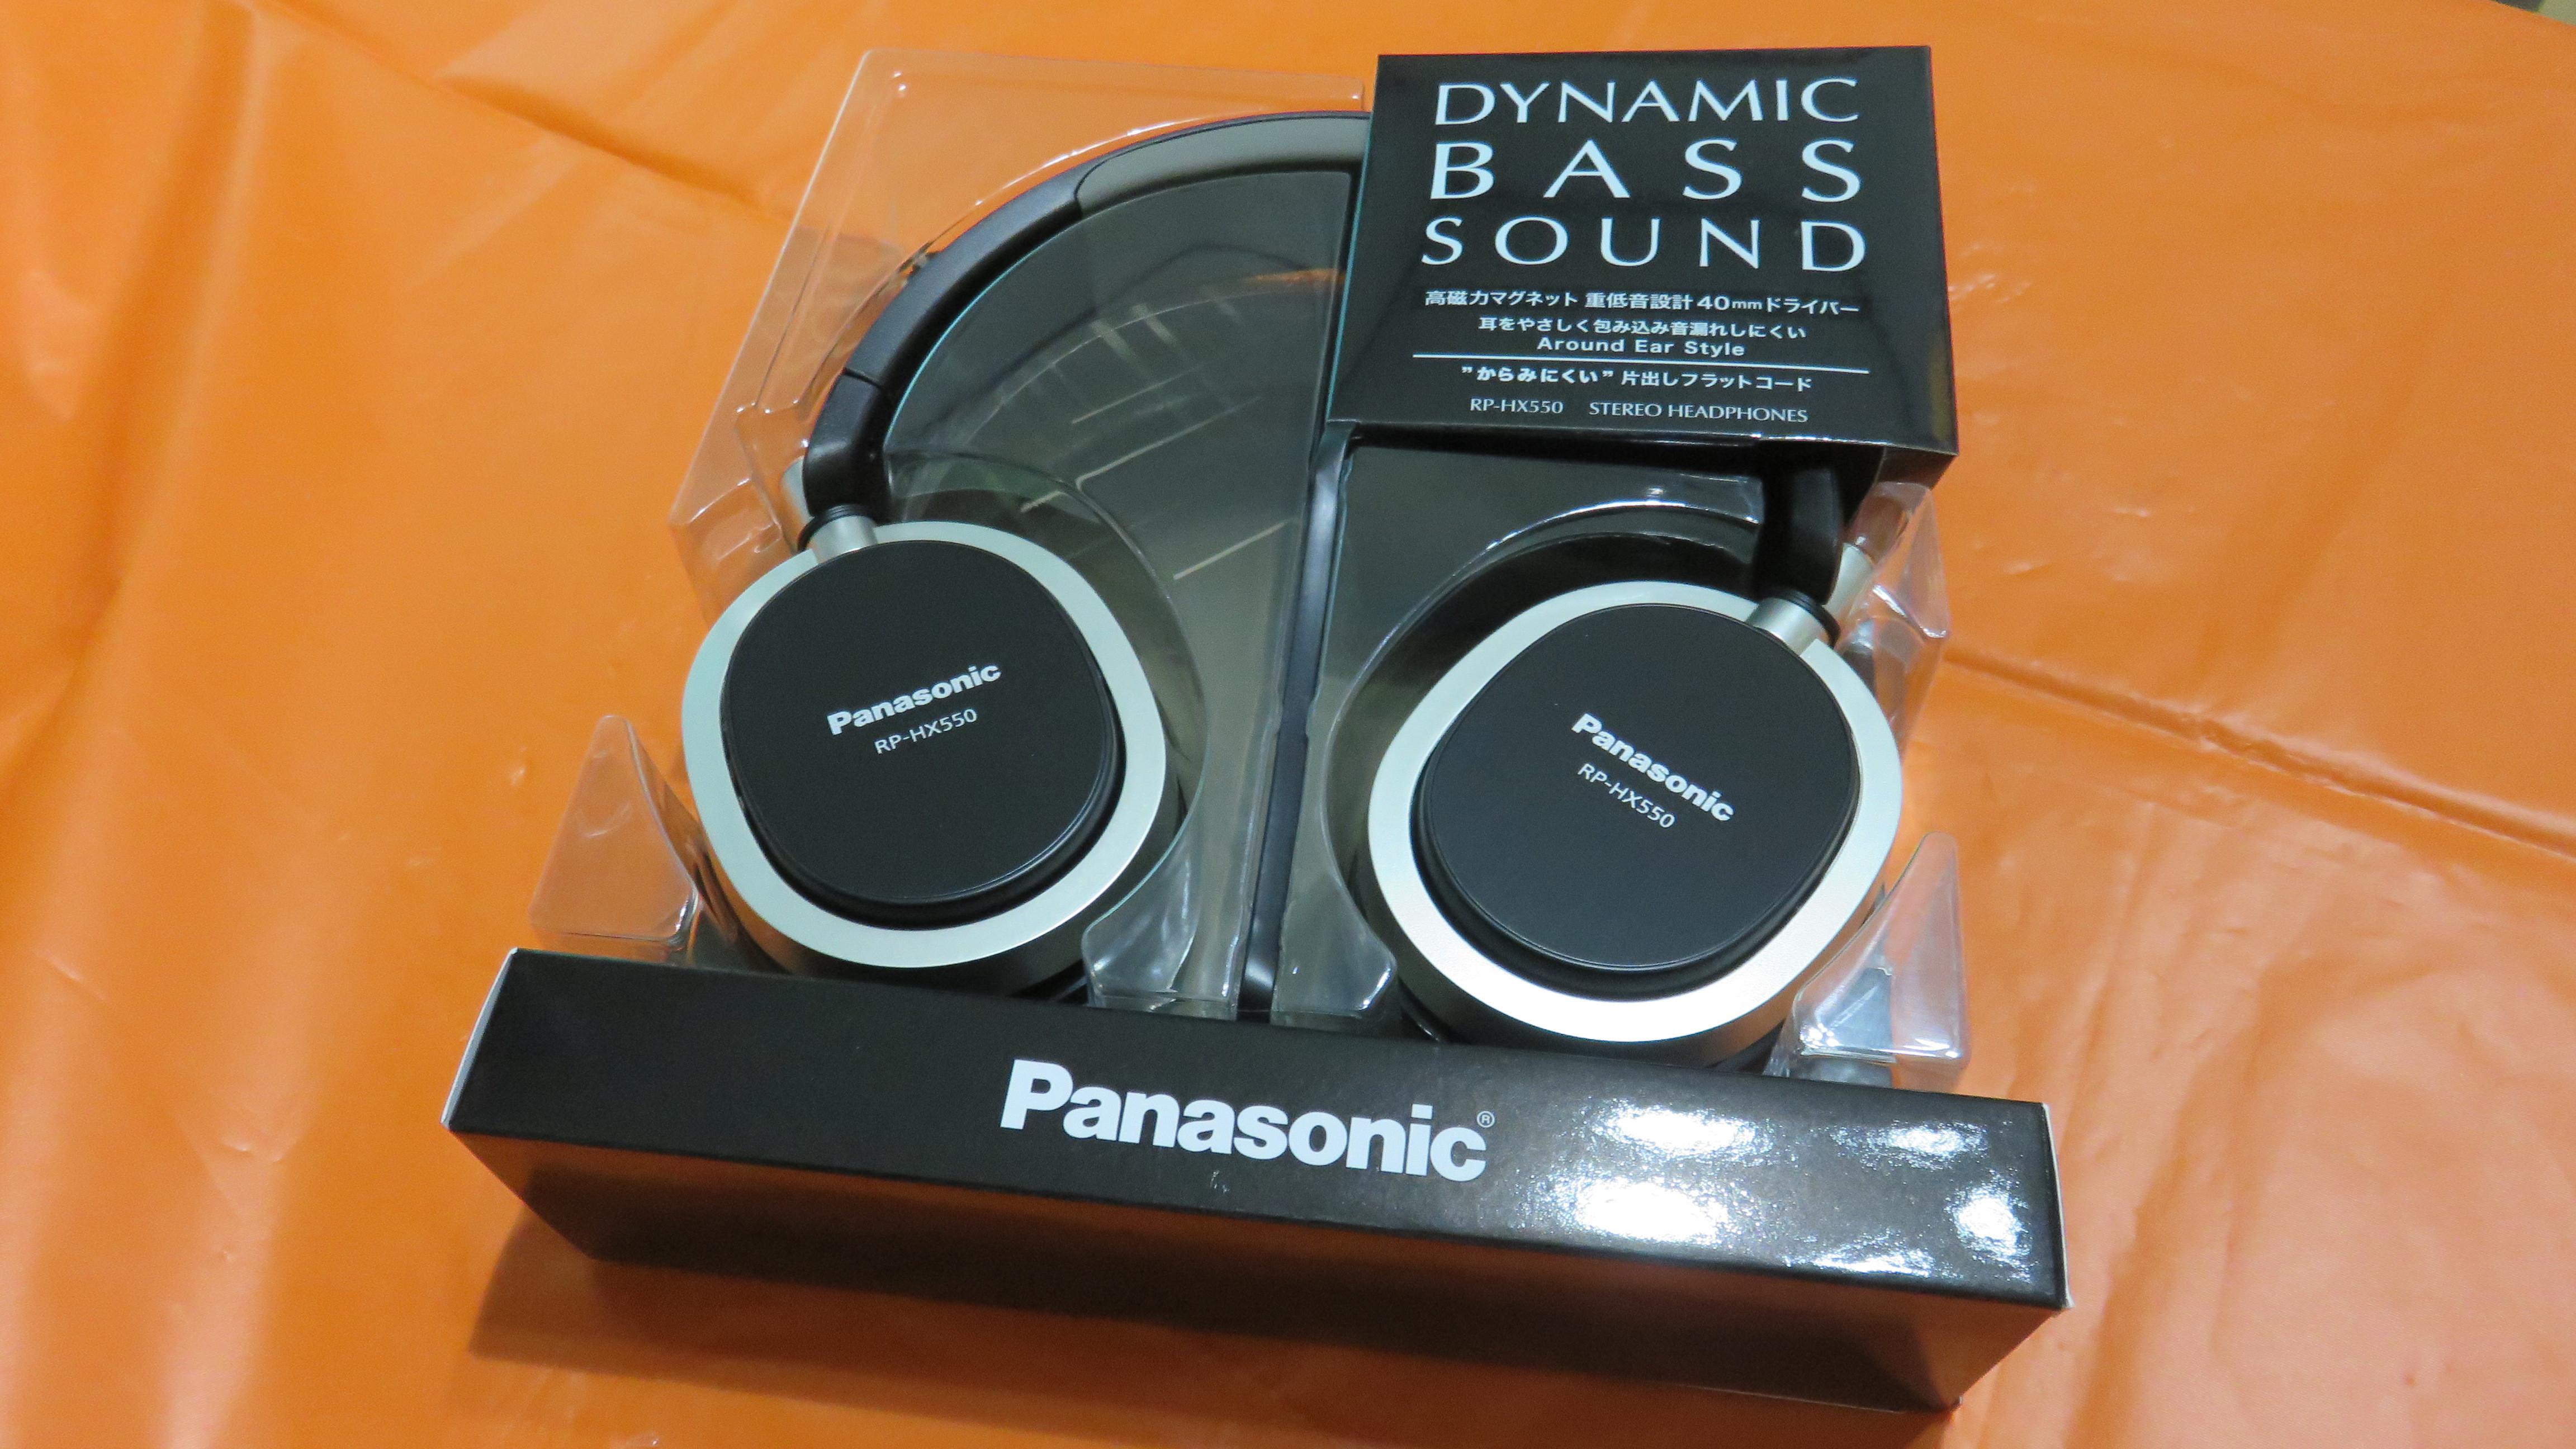 Panasonic Bass Sound1